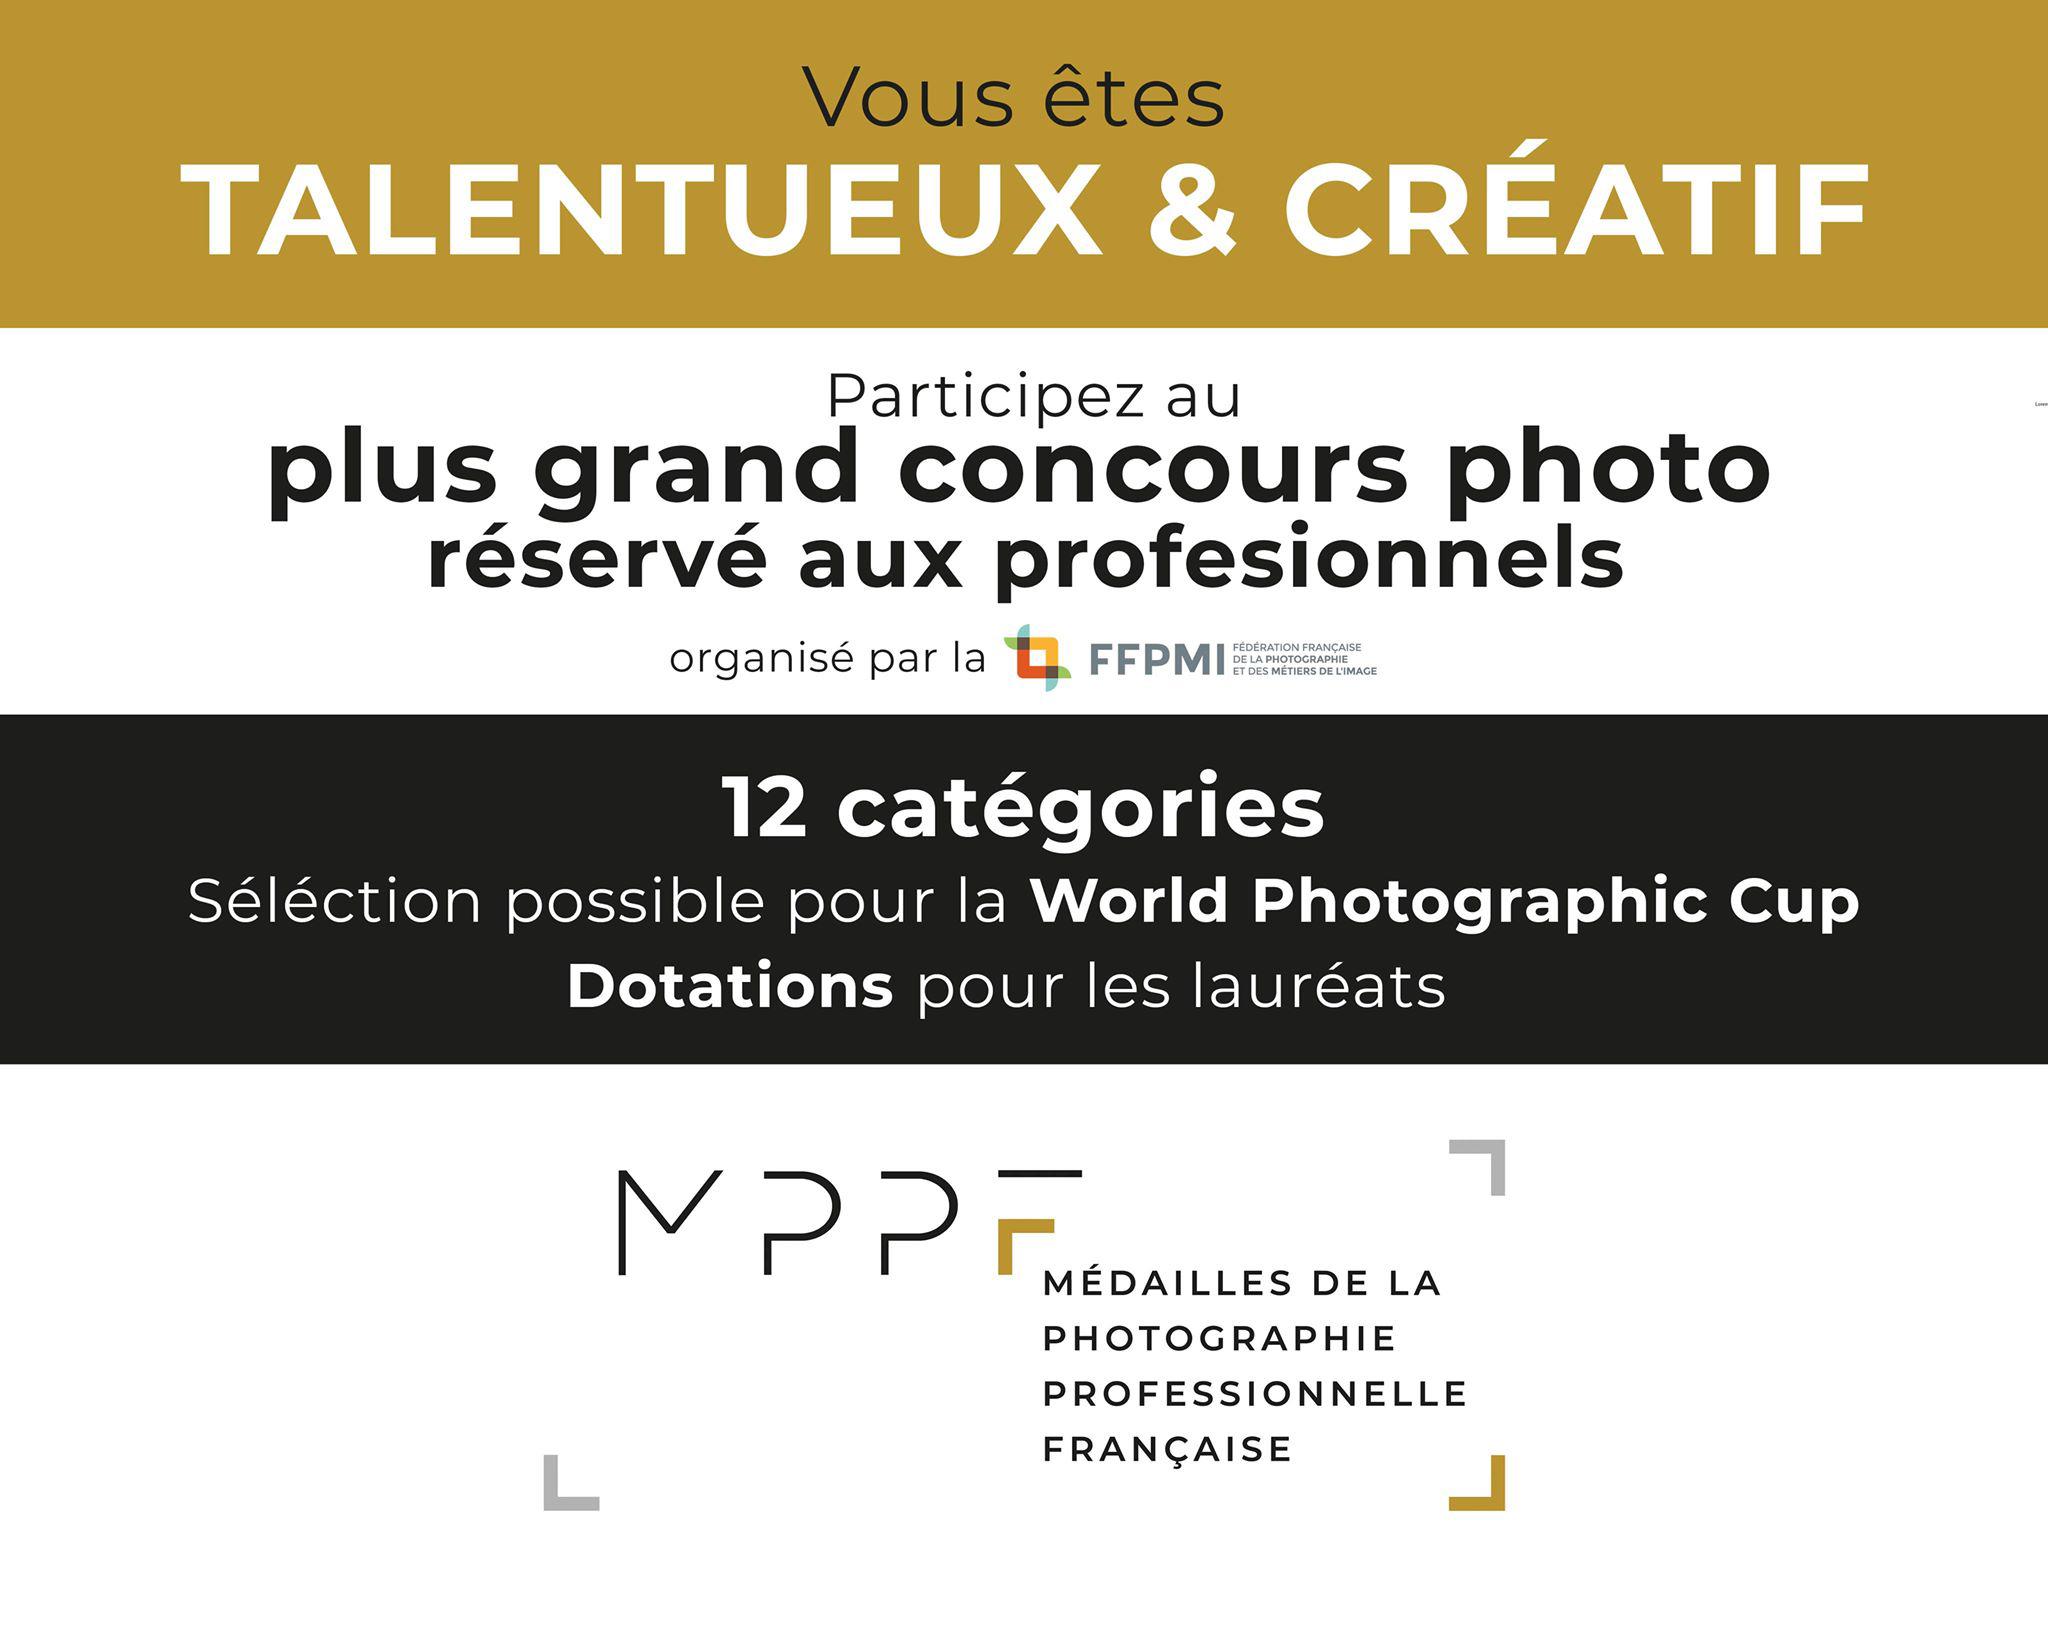 Médailles de la Photographie Professionnelle Française 2020